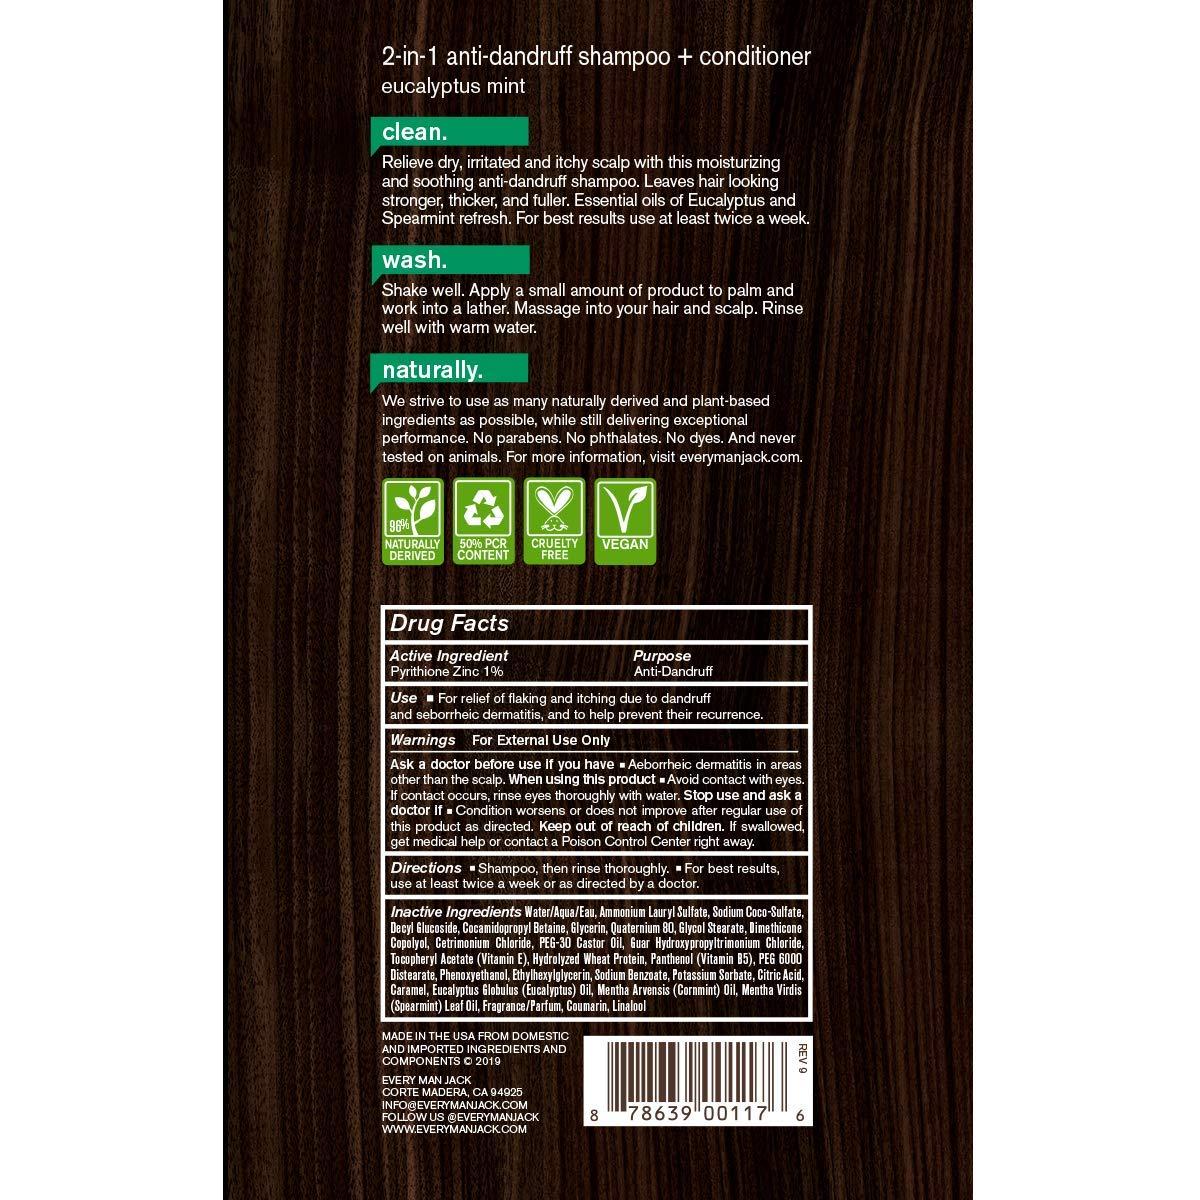 Amazon.com: Every Man jack 2-in-1 AntiDandruff Shampoo + Conditioner, Eucalyptus Mint, 13.5-ounce: Beauty